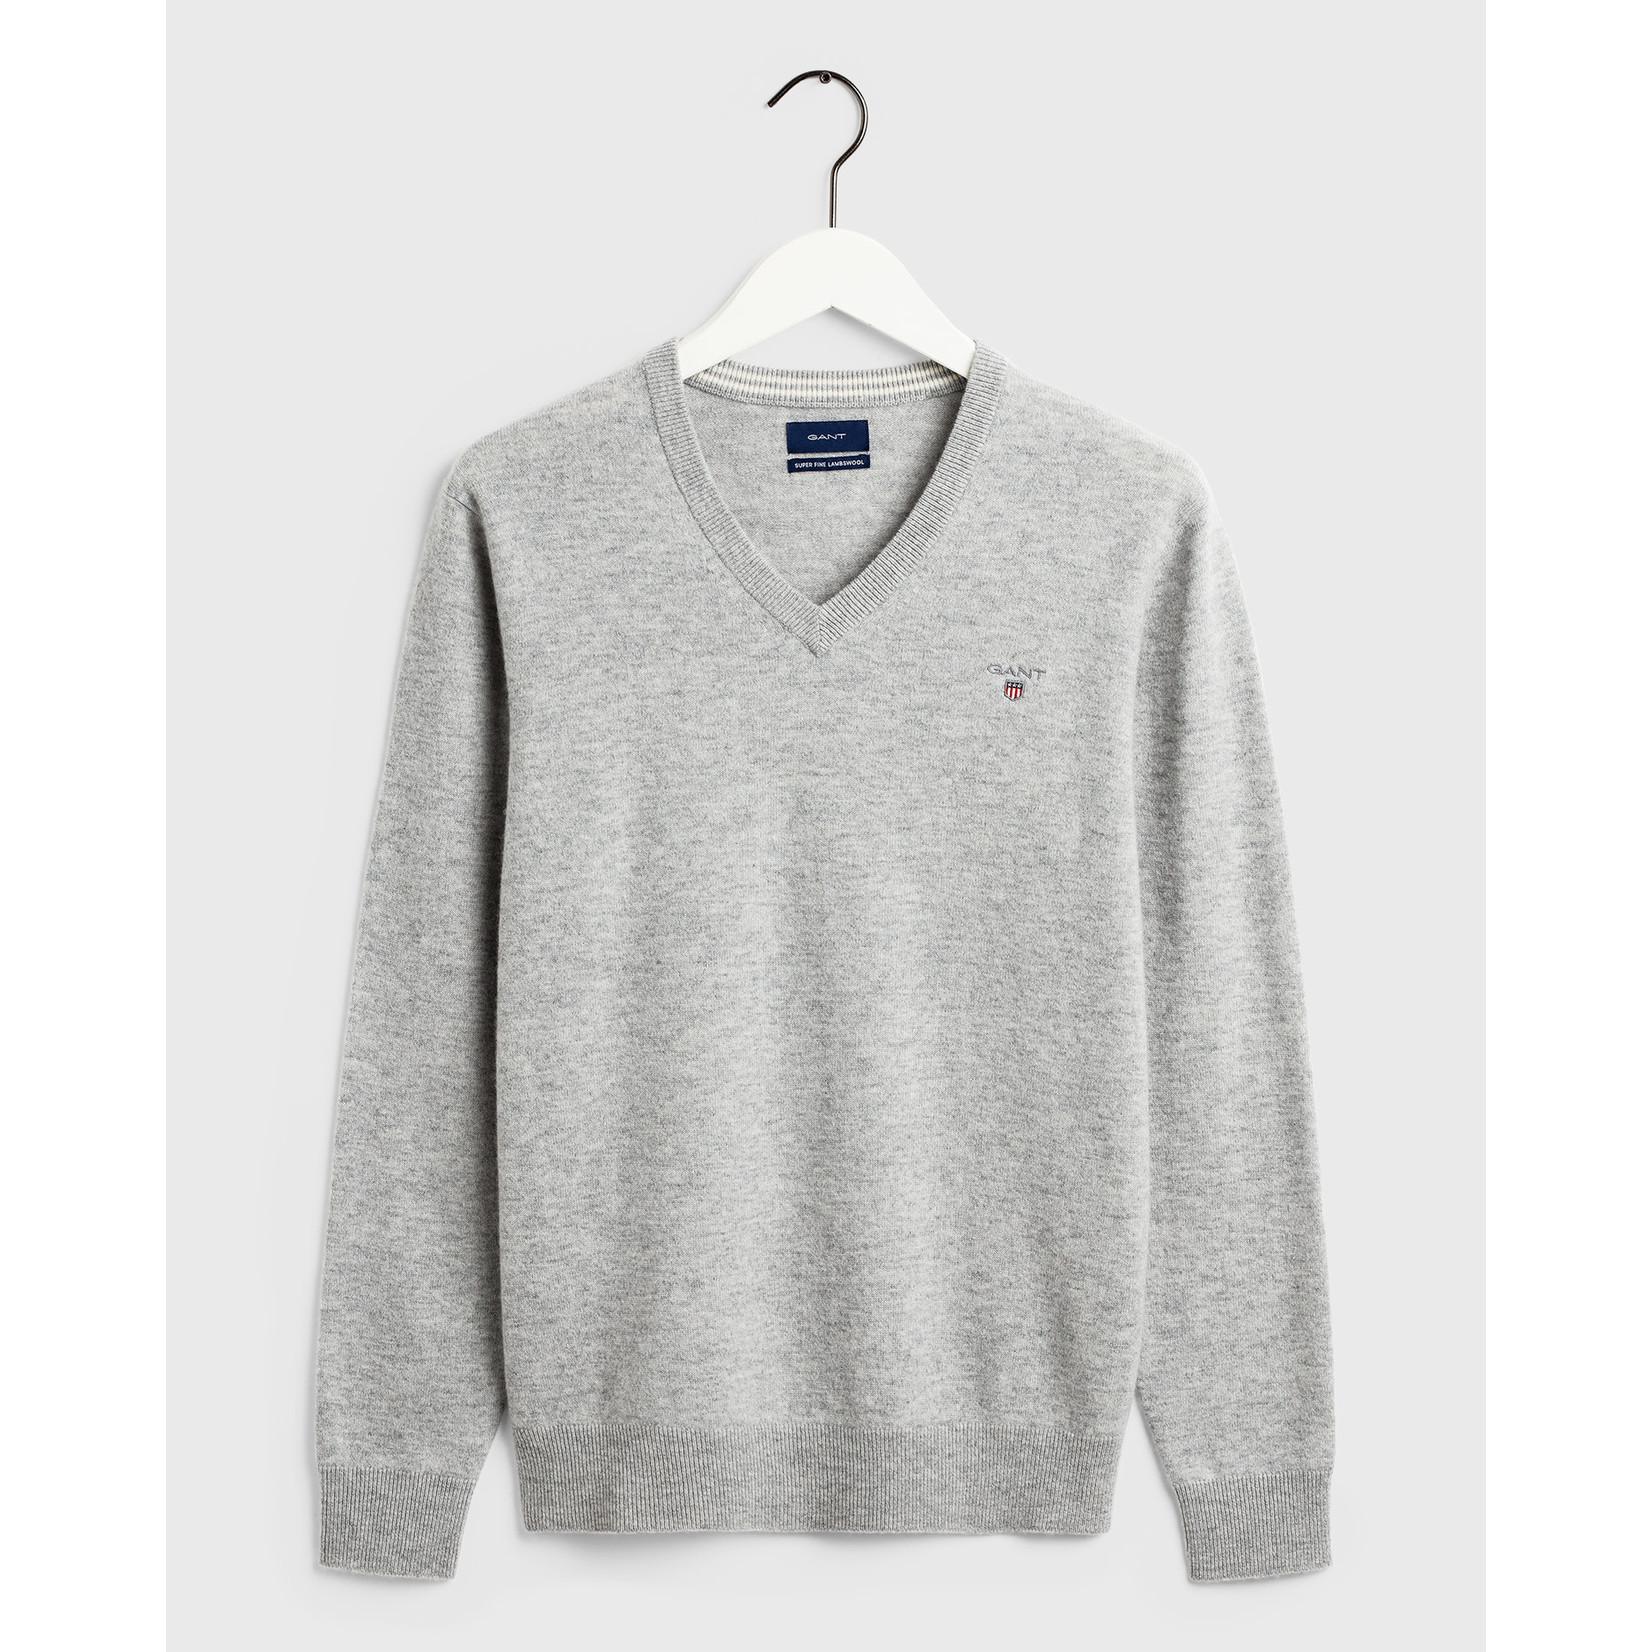 GANT pullover v-hals lamswol lichtgrijs